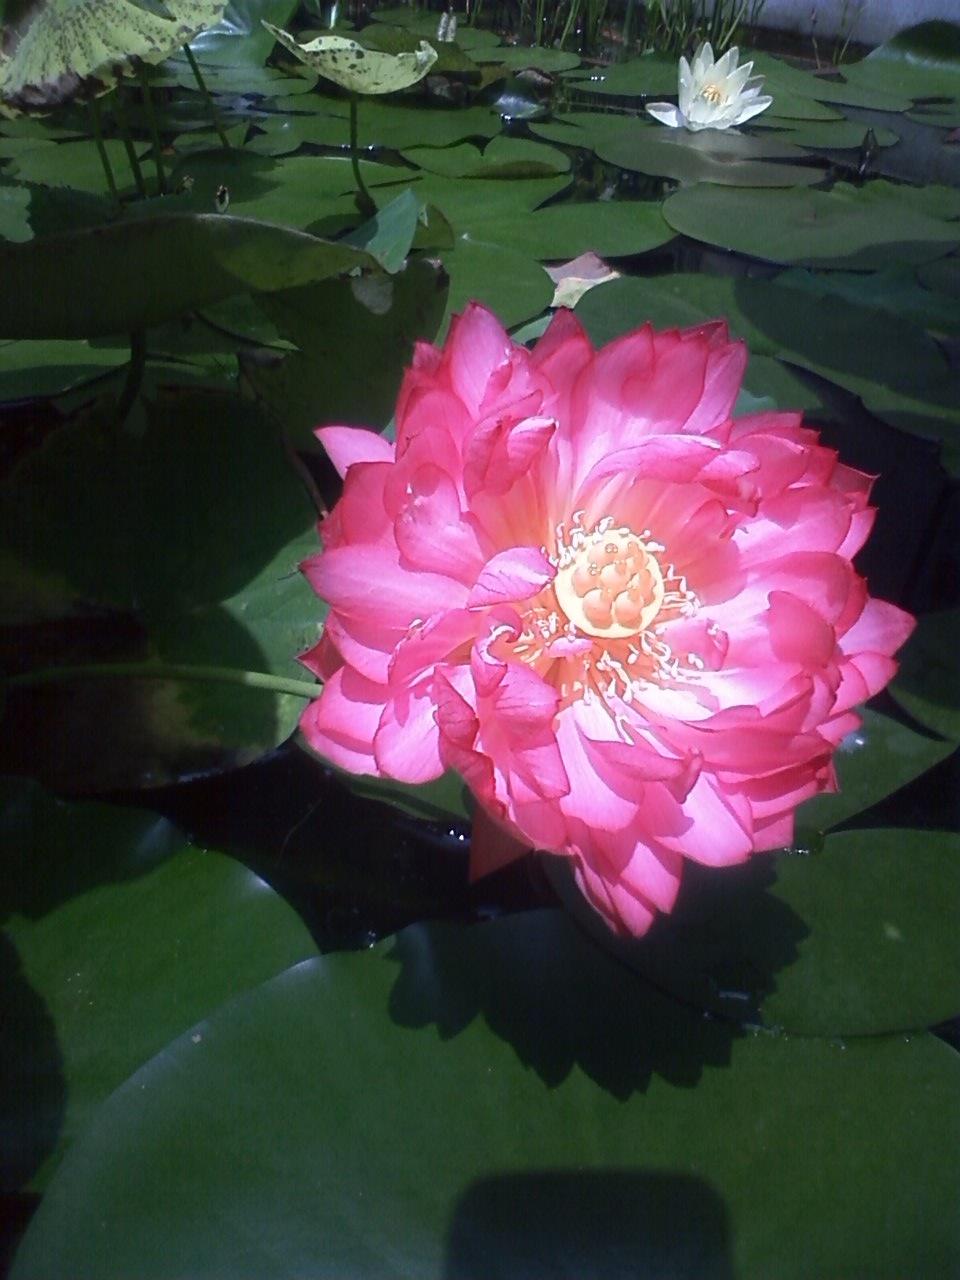 蓮の花とライブのお知らせ_c0137869_11154479.jpg